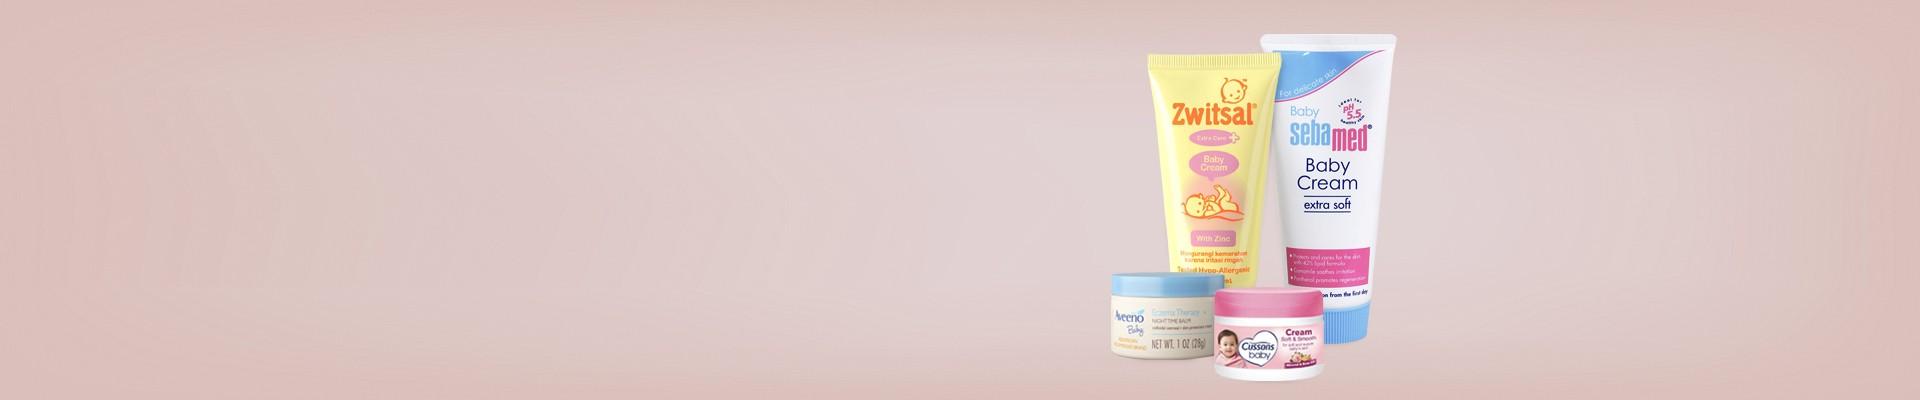 Jual Cream Baby Pencegah Masalah Kulit Bayi